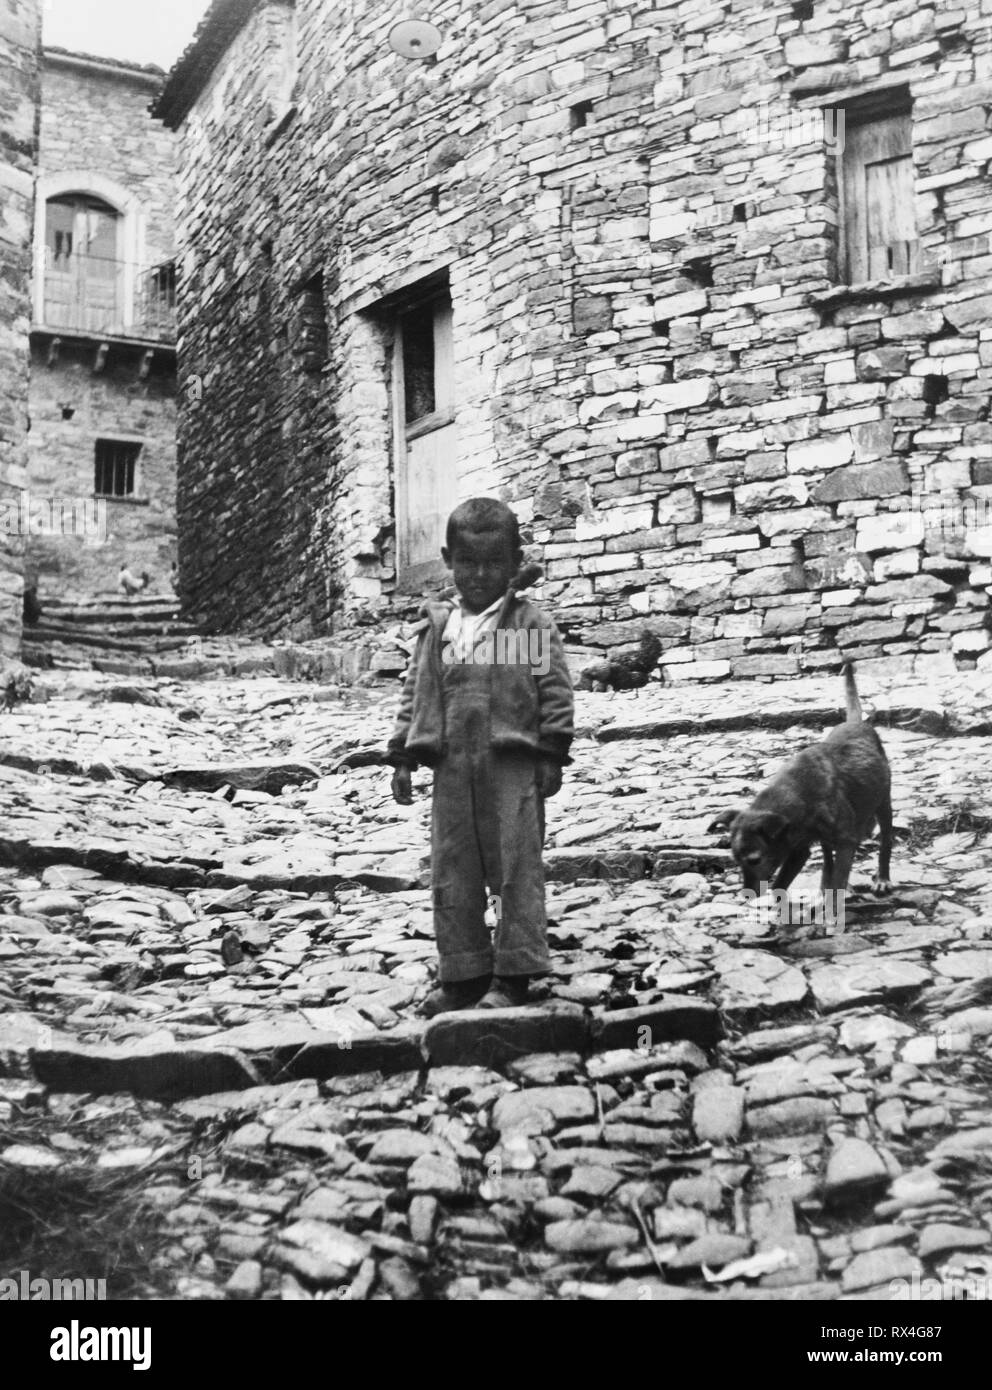 alessandria del carretto, calabria, italy, 1940 - Stock Image